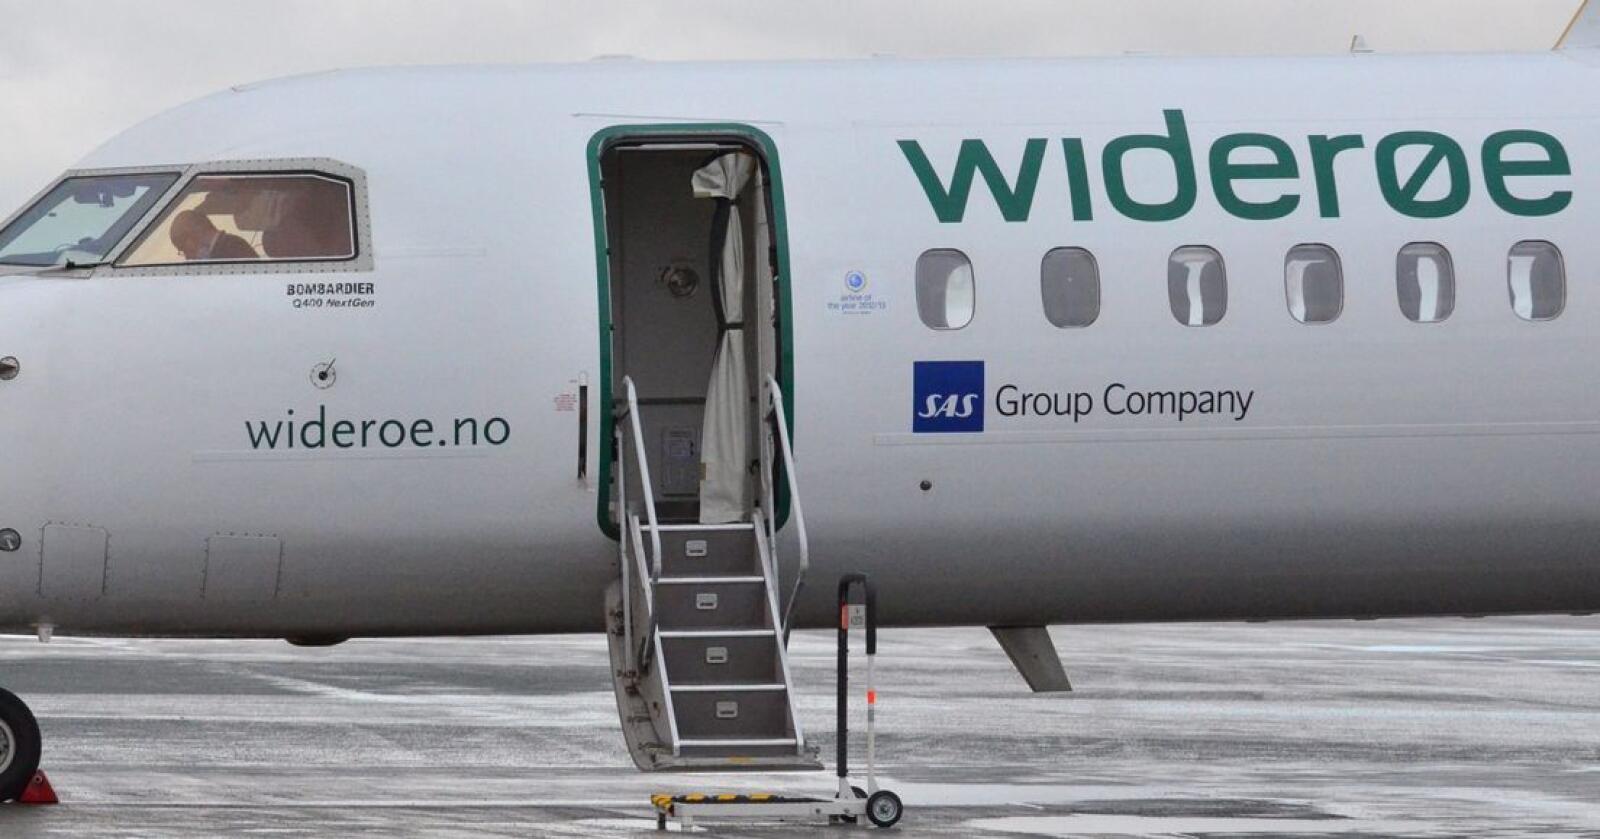 Widerøe seier ruter kunne vore redda med 65 kroner avgiftskutt per flysete, mens stortingsrepresentant Jonny Finstad (H) reagerer på at flyselskapet vil ha endå meir kutt enn det har fått. Foto: Ned Alley / NTB scanpix / NPK